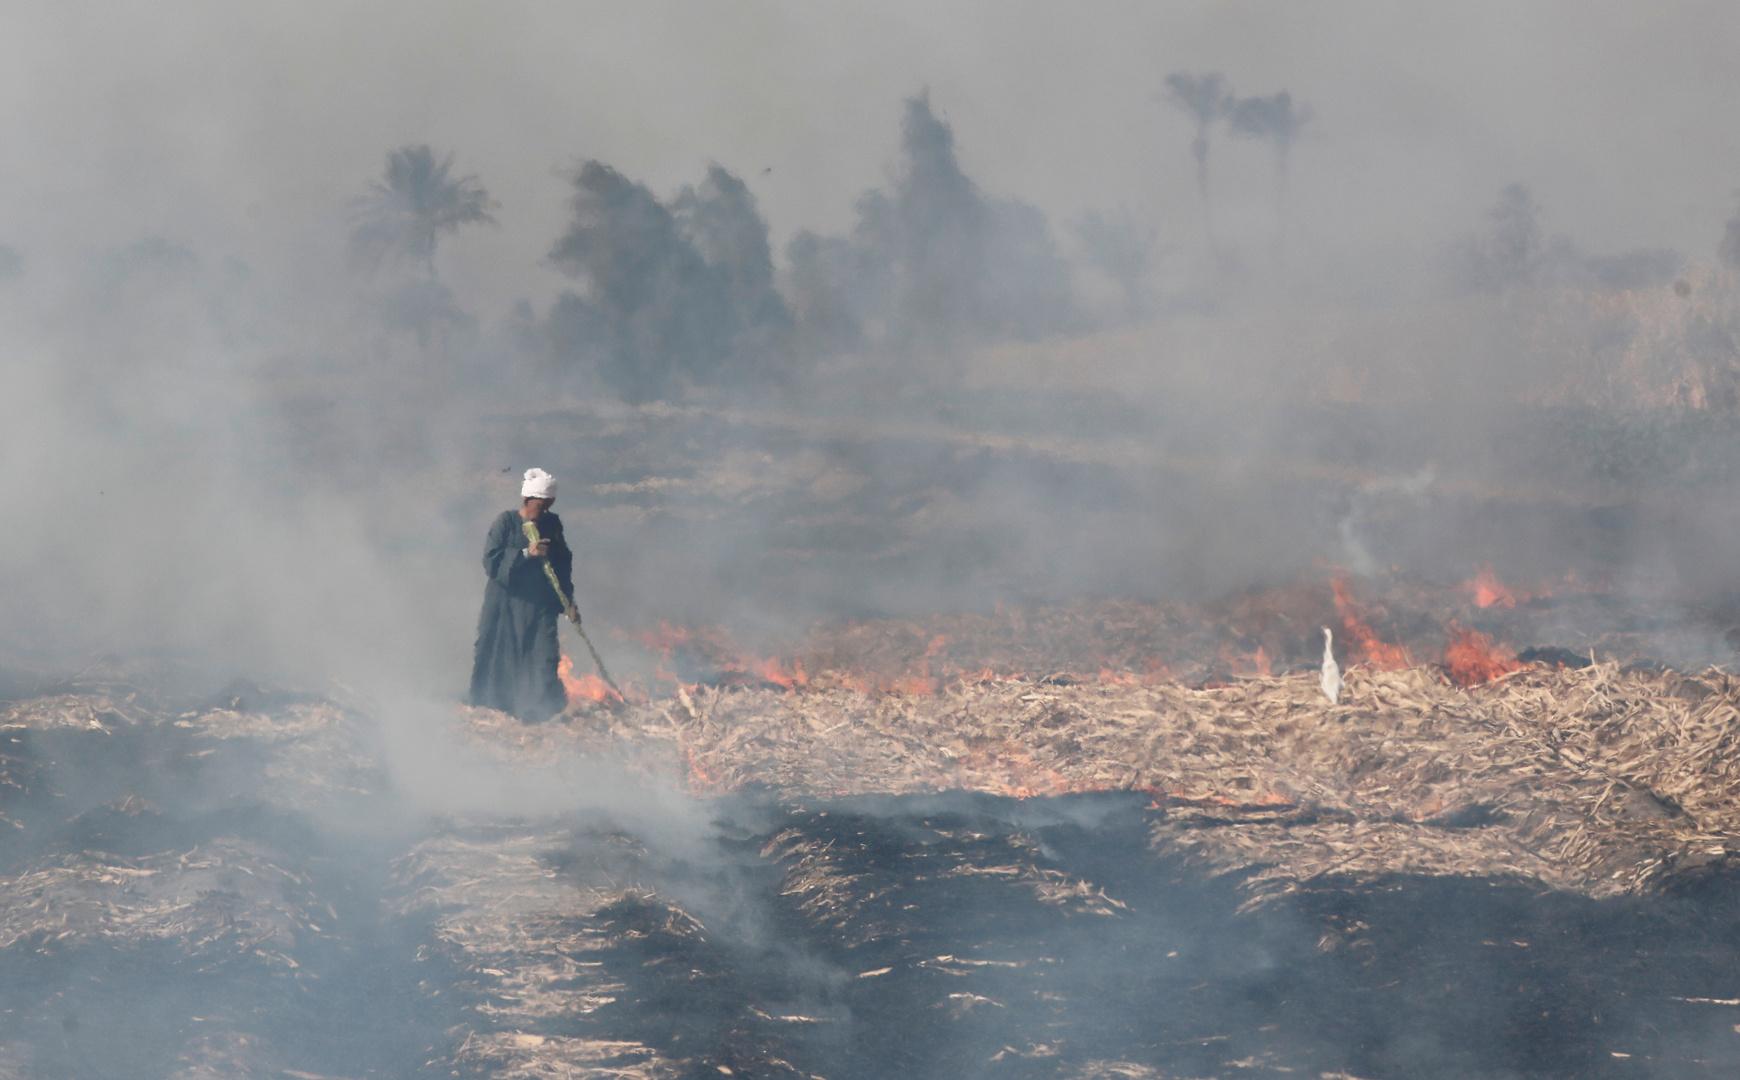 مصر.. حريق مروع في الأقصر يؤدي إلى احتراق 11 منزلا